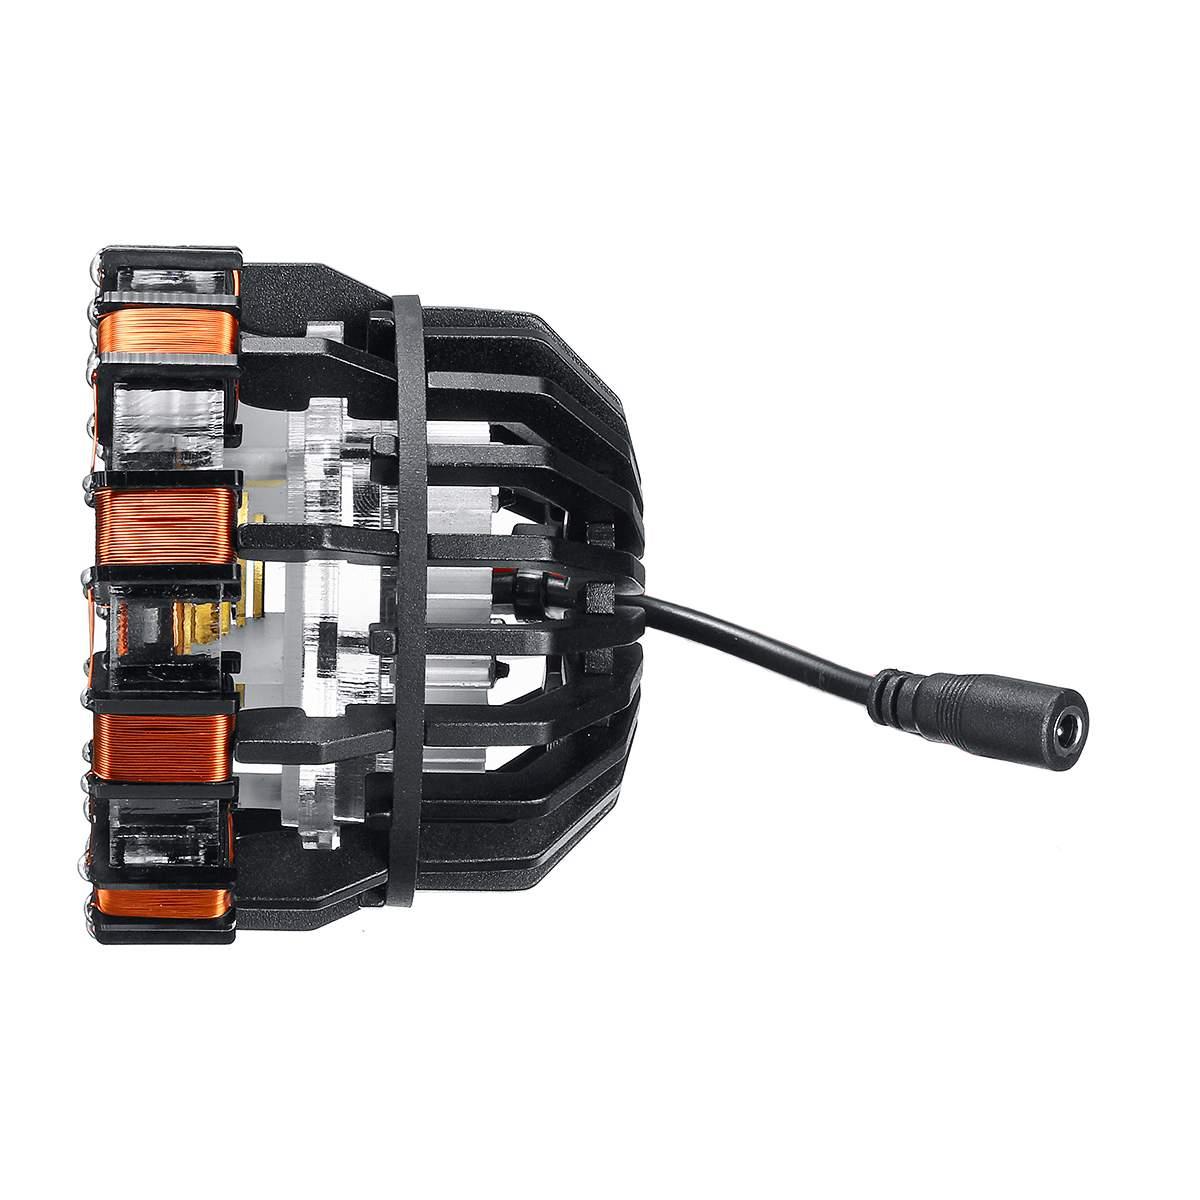 MK1 alliage d'aluminium/acrylique Tony 1:1 Arc réacteur bricolage modèle Kit LED lampe de poitrine USB film accessoires cadeaux Science jouet - 5